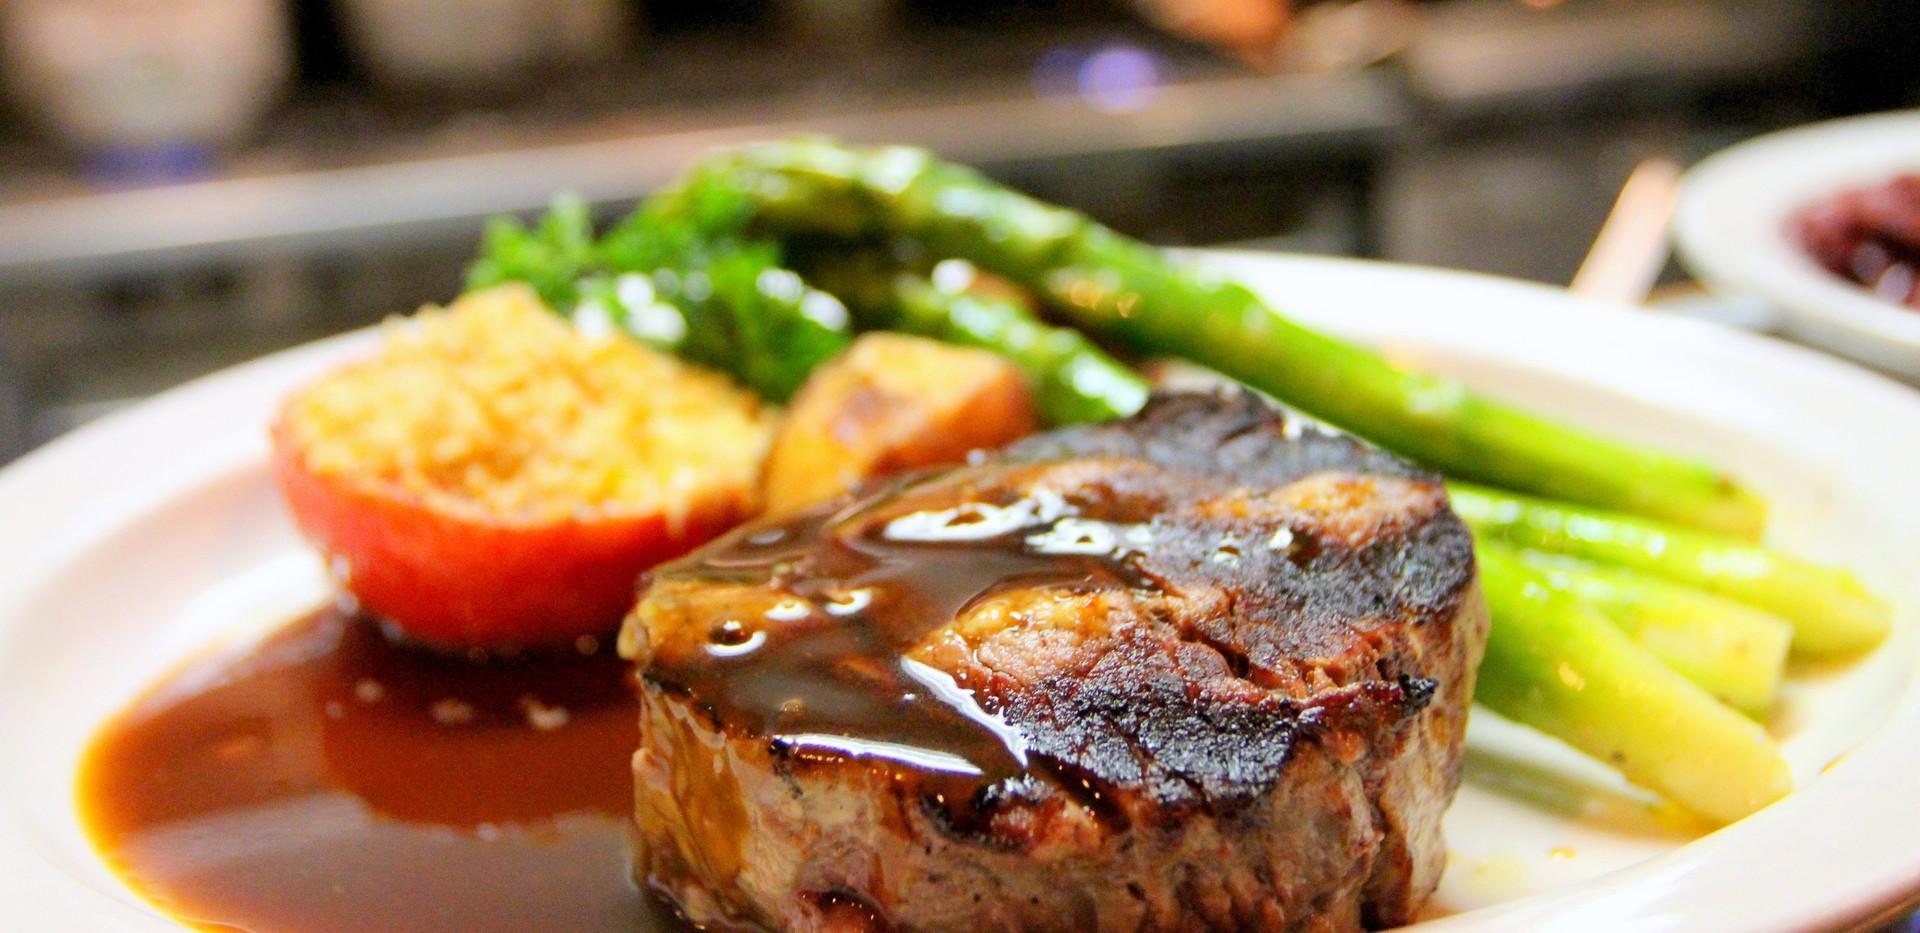 asparagus-barbecue-bbq-675951.jpg